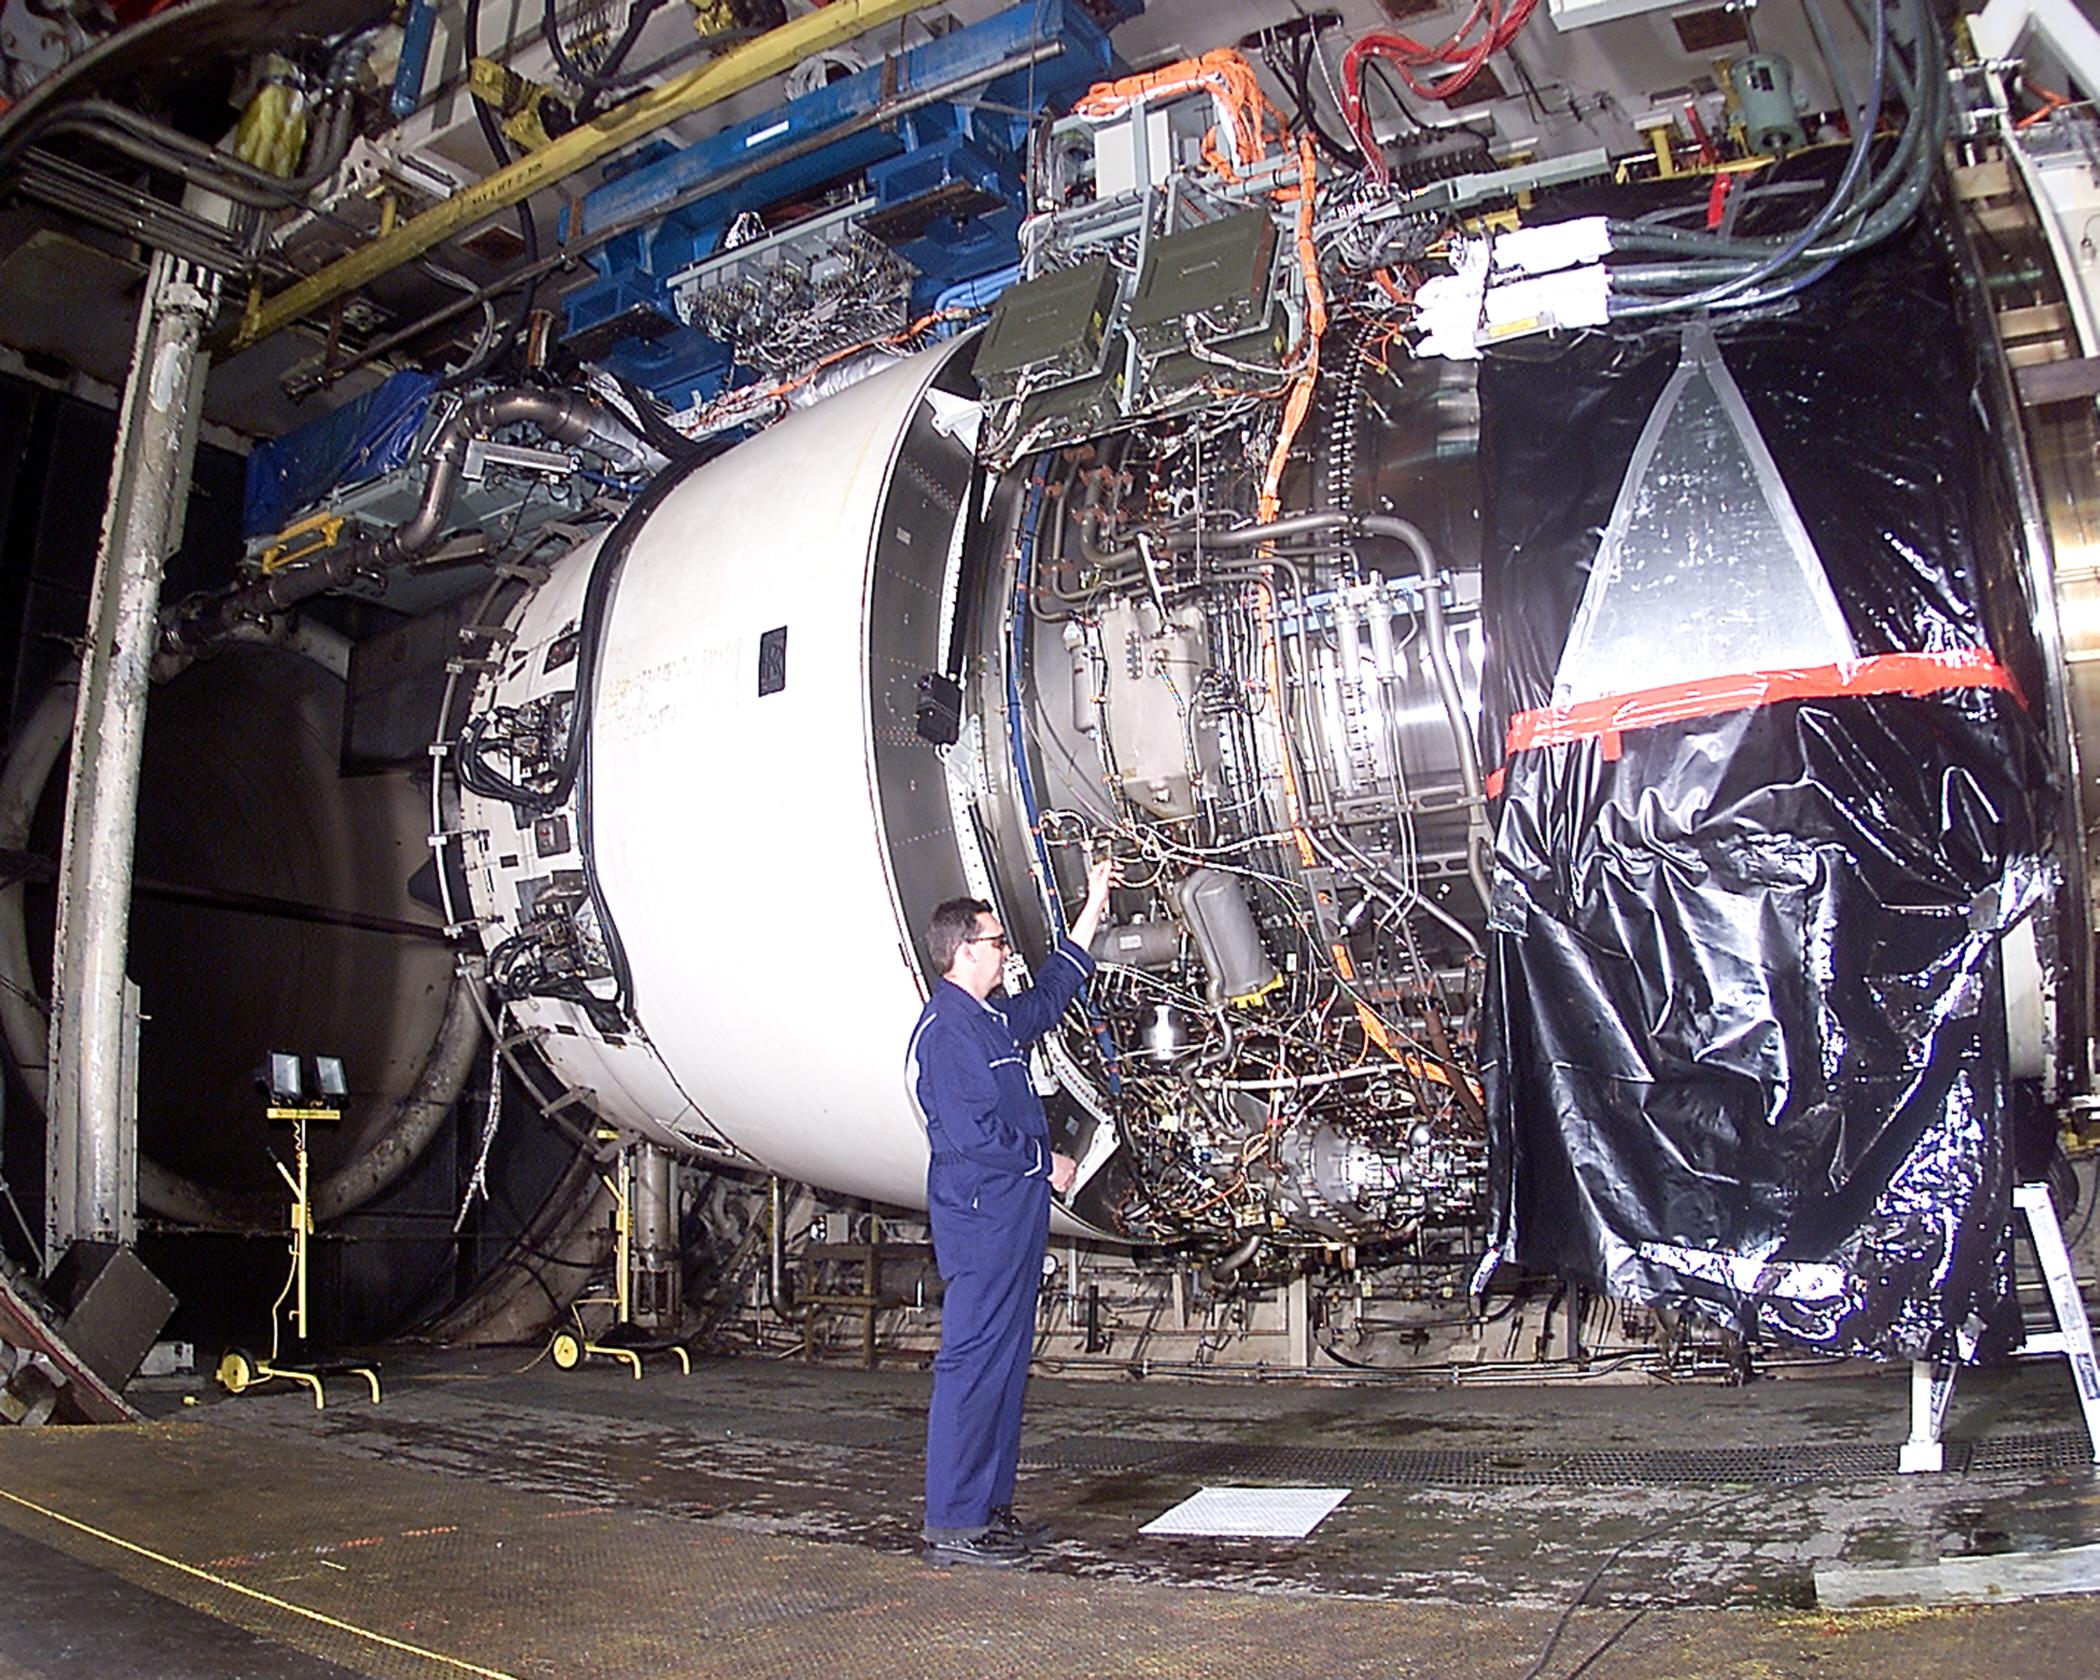 Depiction of Rolls-Royce Trent 900